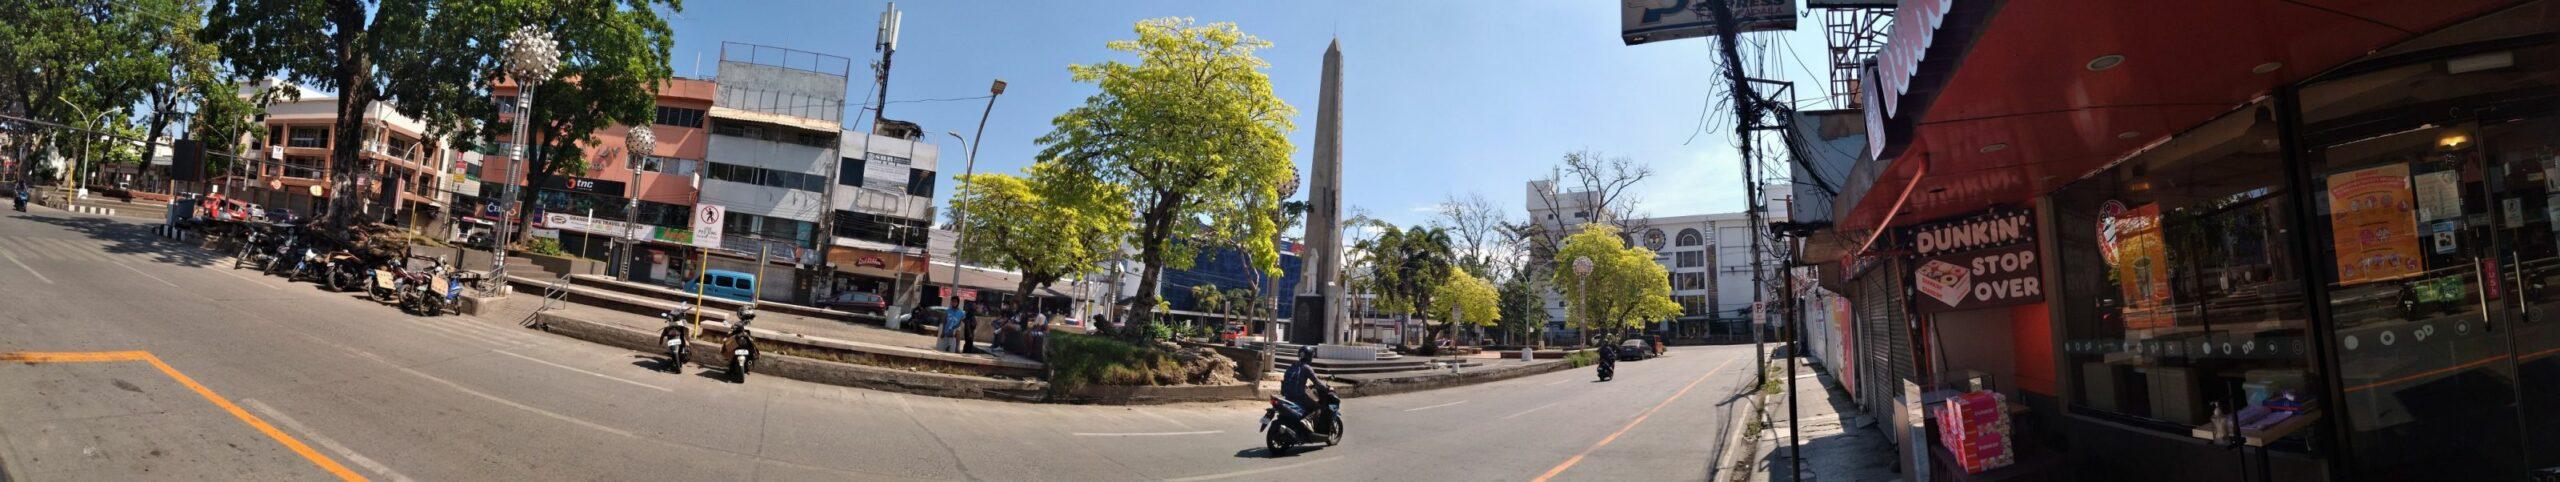 SIGHTS OF CAGAYAN DE ORO CITY & NORTHERN MINDANAO - Panorama of Divisoria in Cagayan de Oro City with Magsaysay Park